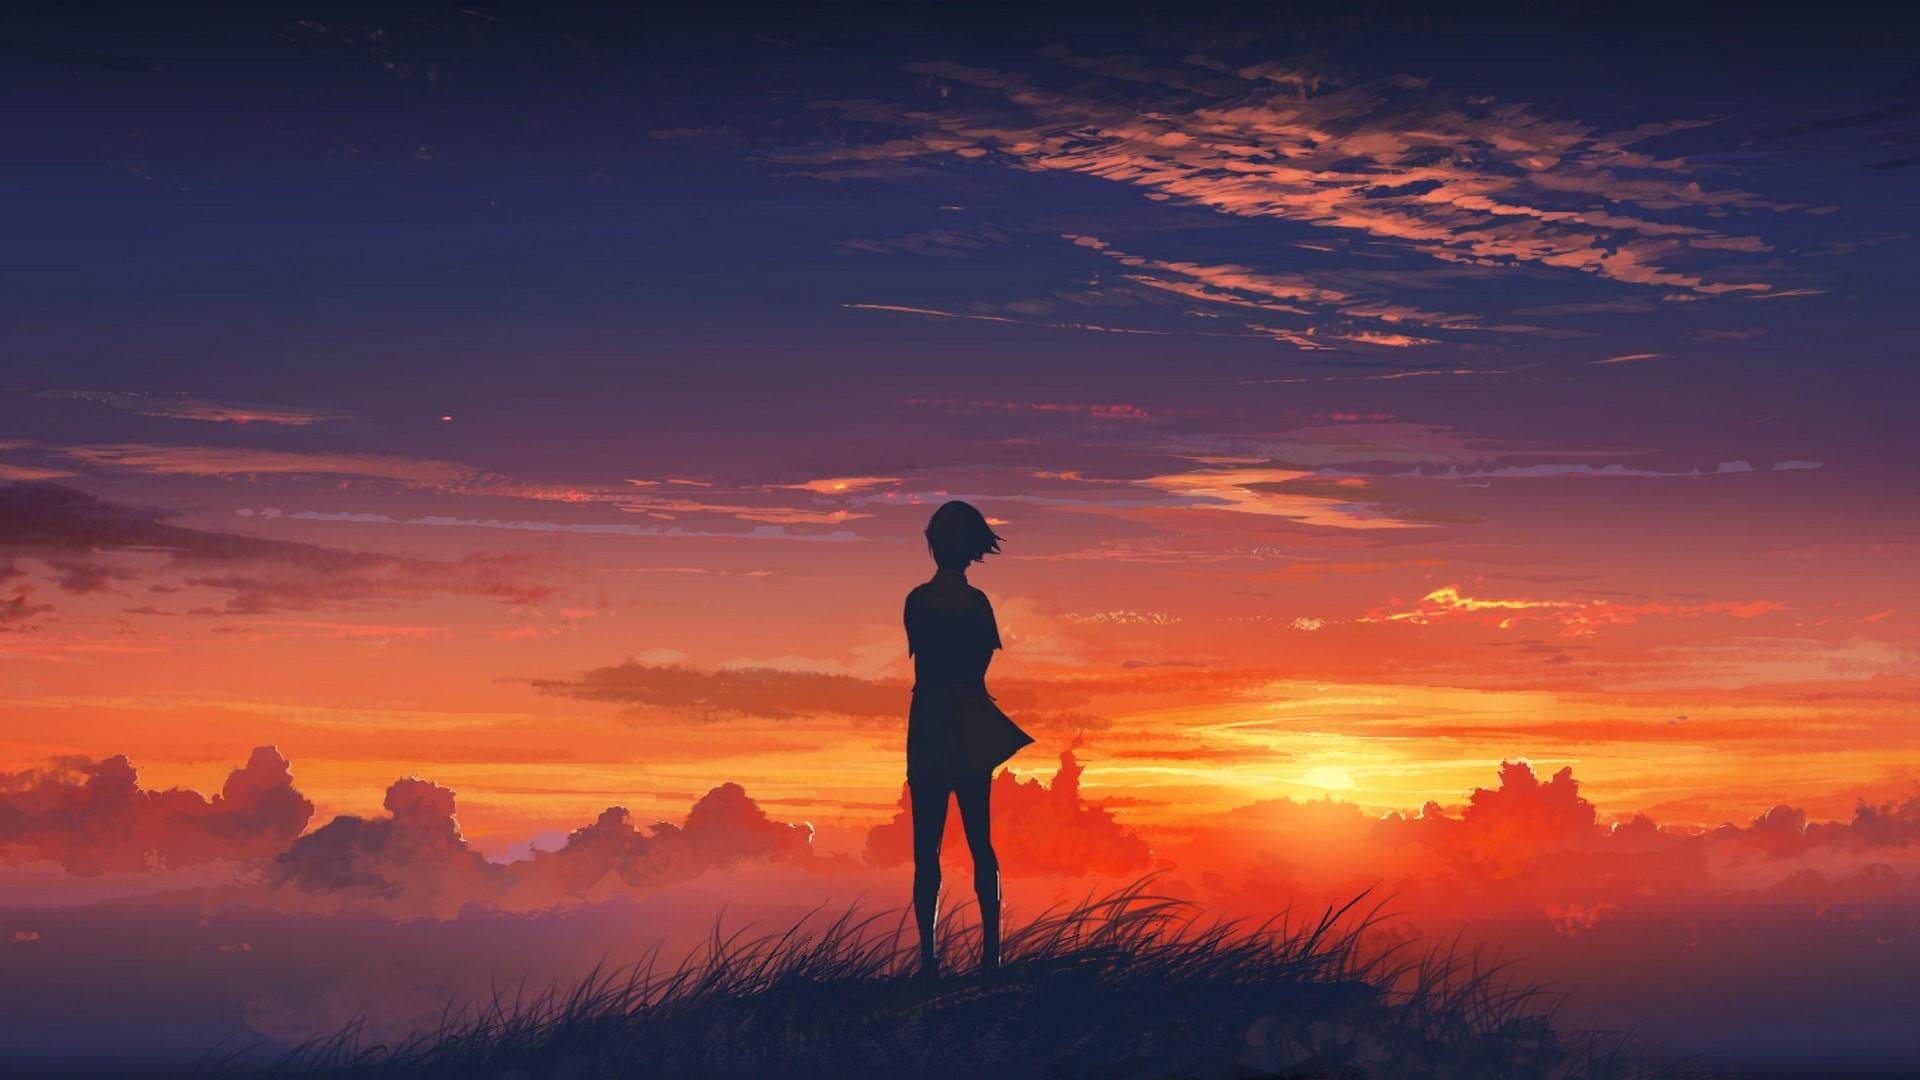 Beautiful Sunset Scenery Drawing